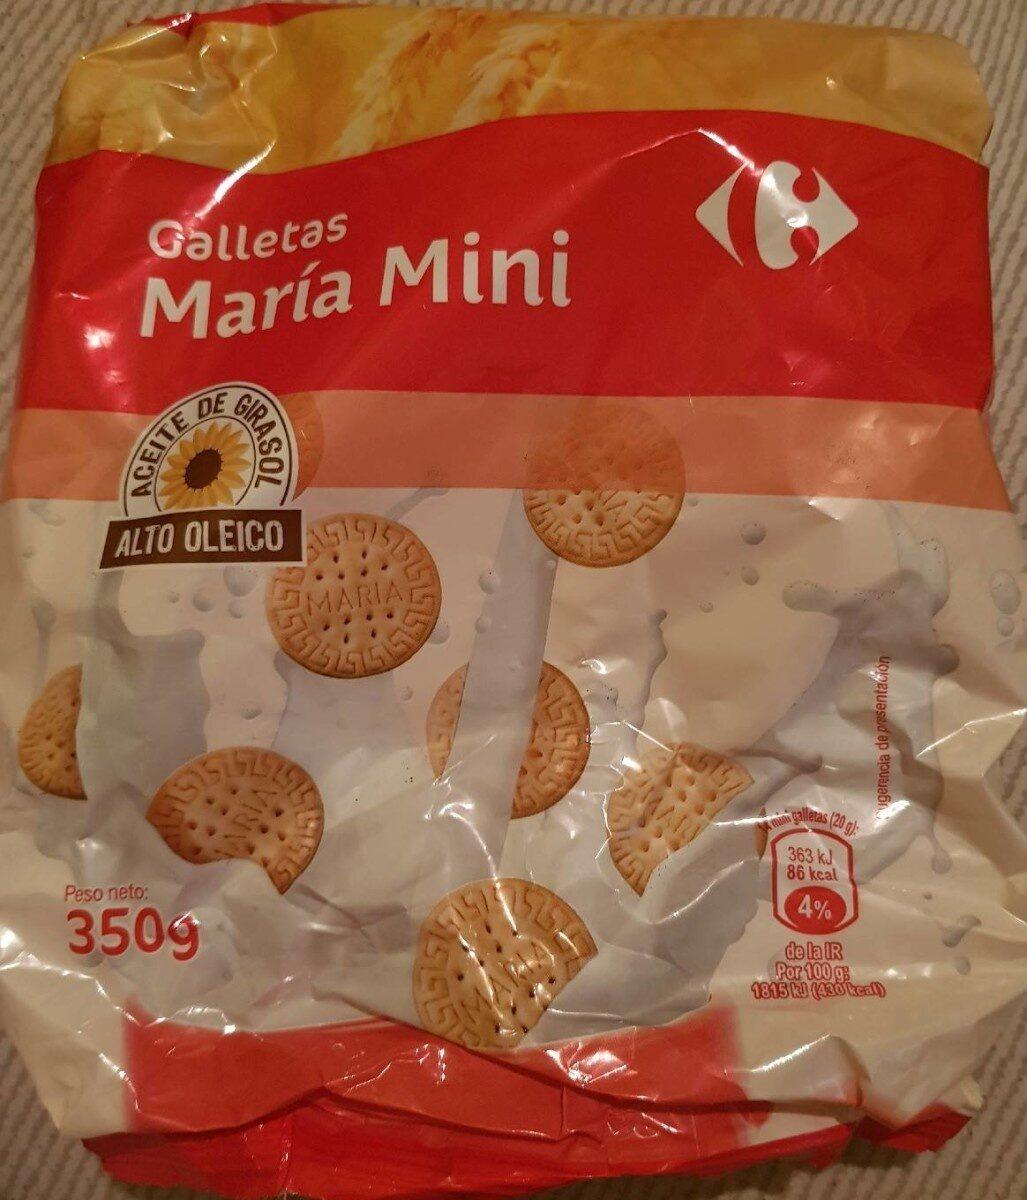 Galletas María Mini - Product